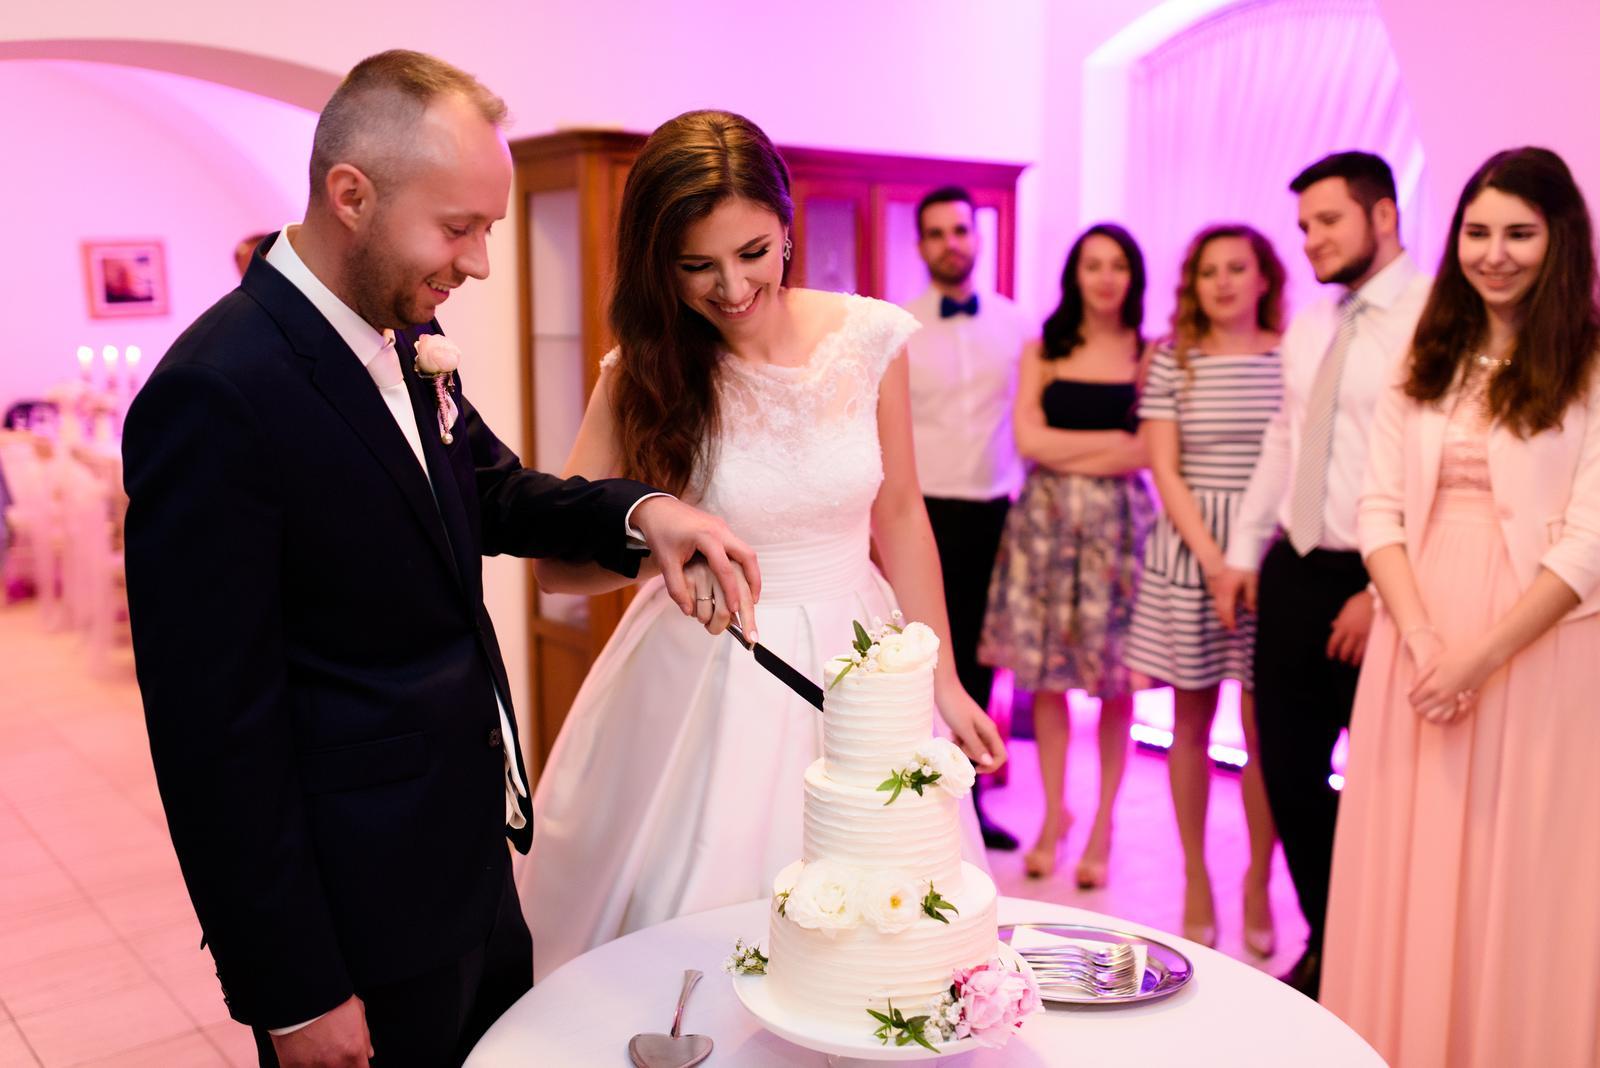 Svadobné torty - Foto: Foto Melánia - Marián Drinka. Realizácia: http://castelmierovo.sk